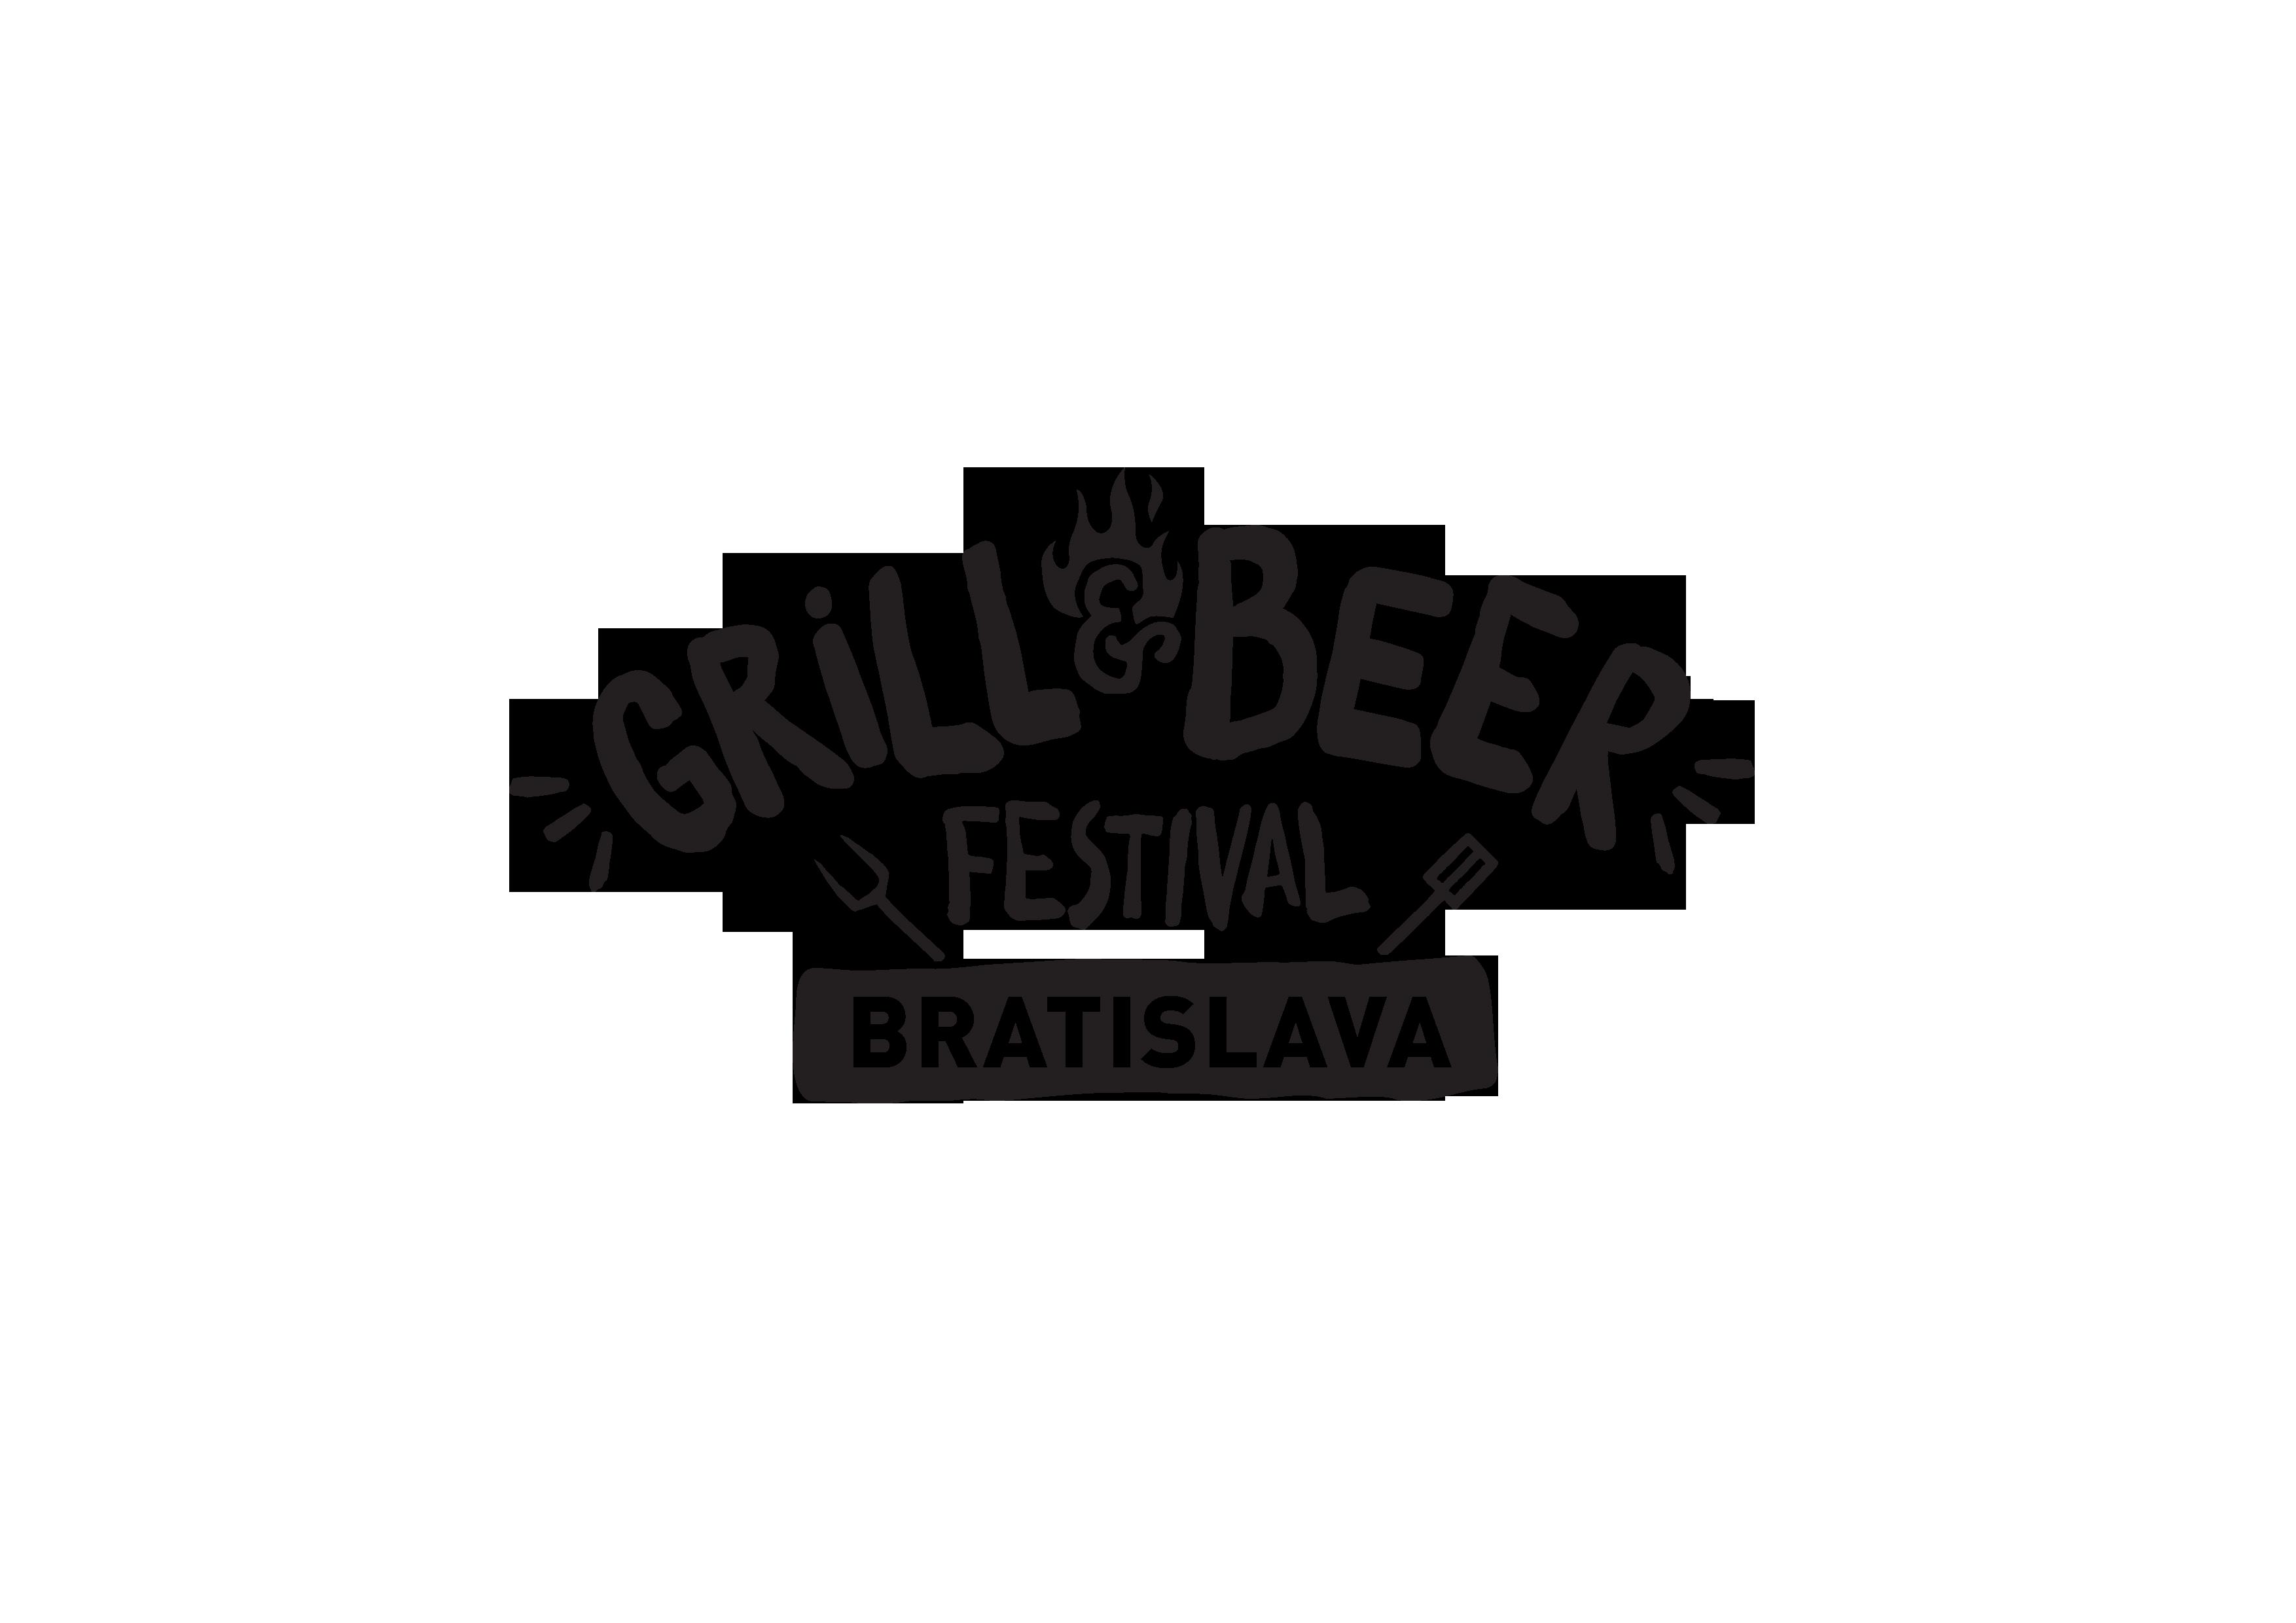 grill & beer festival bratislava